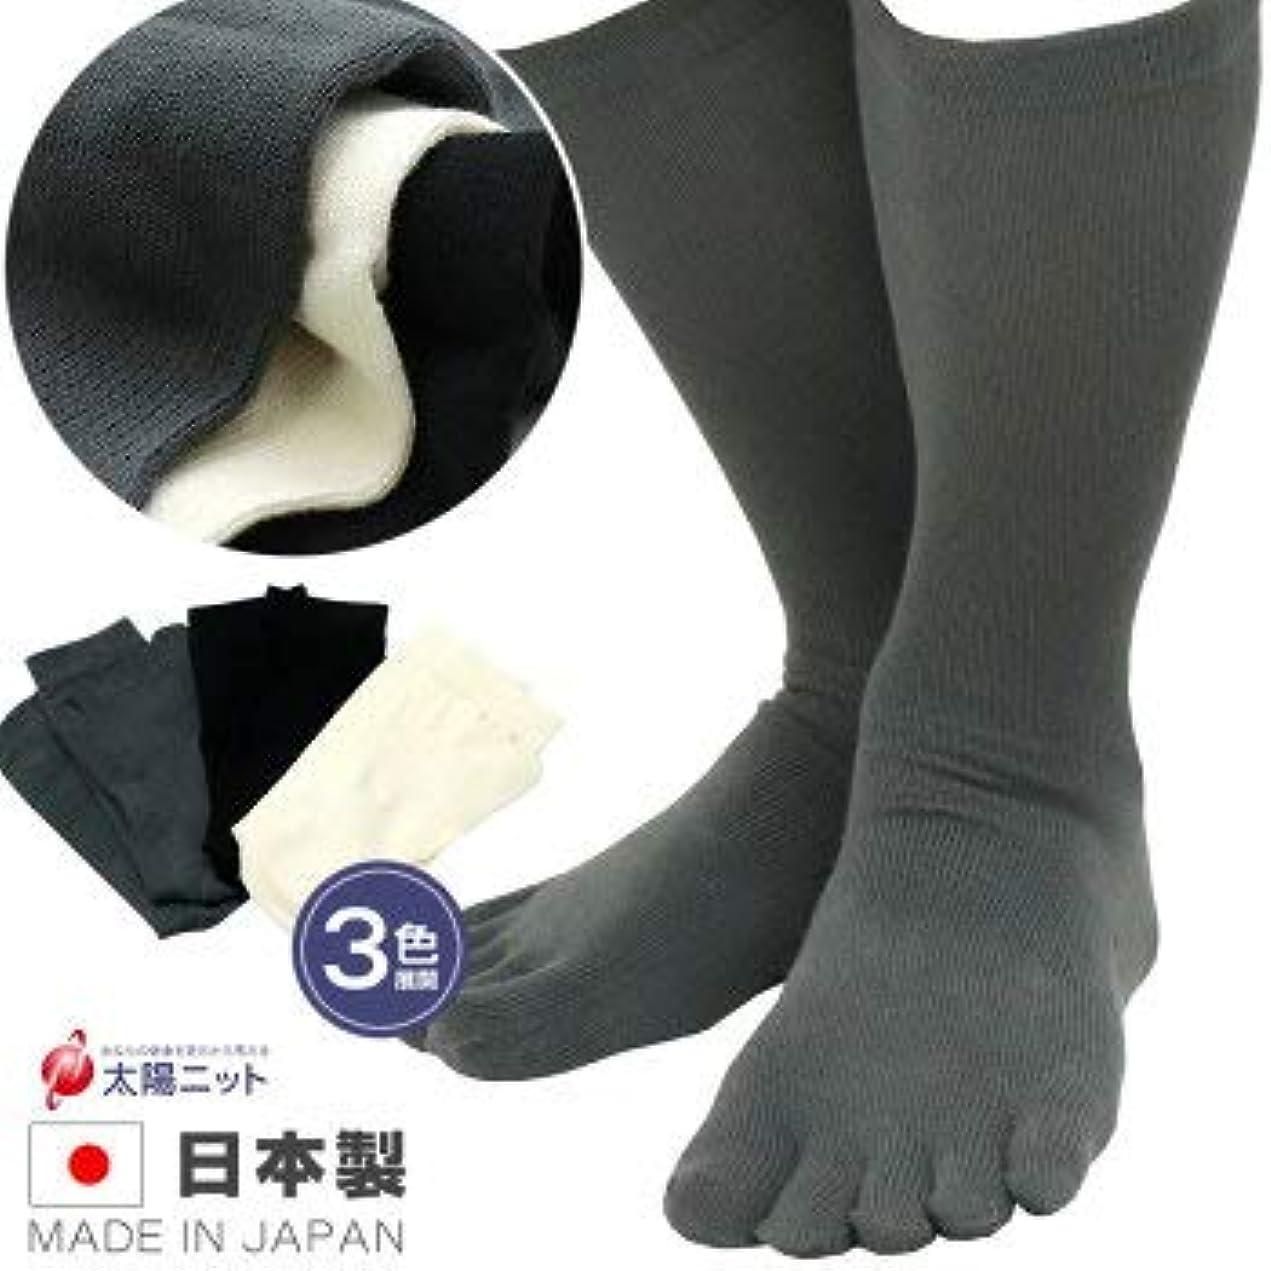 抜本的な戦争出くわす男性用 綿100% 5本指 靴下 におい ムレ 対策 24-26㎝ 太陽ニッ ト321 (ホワイト)